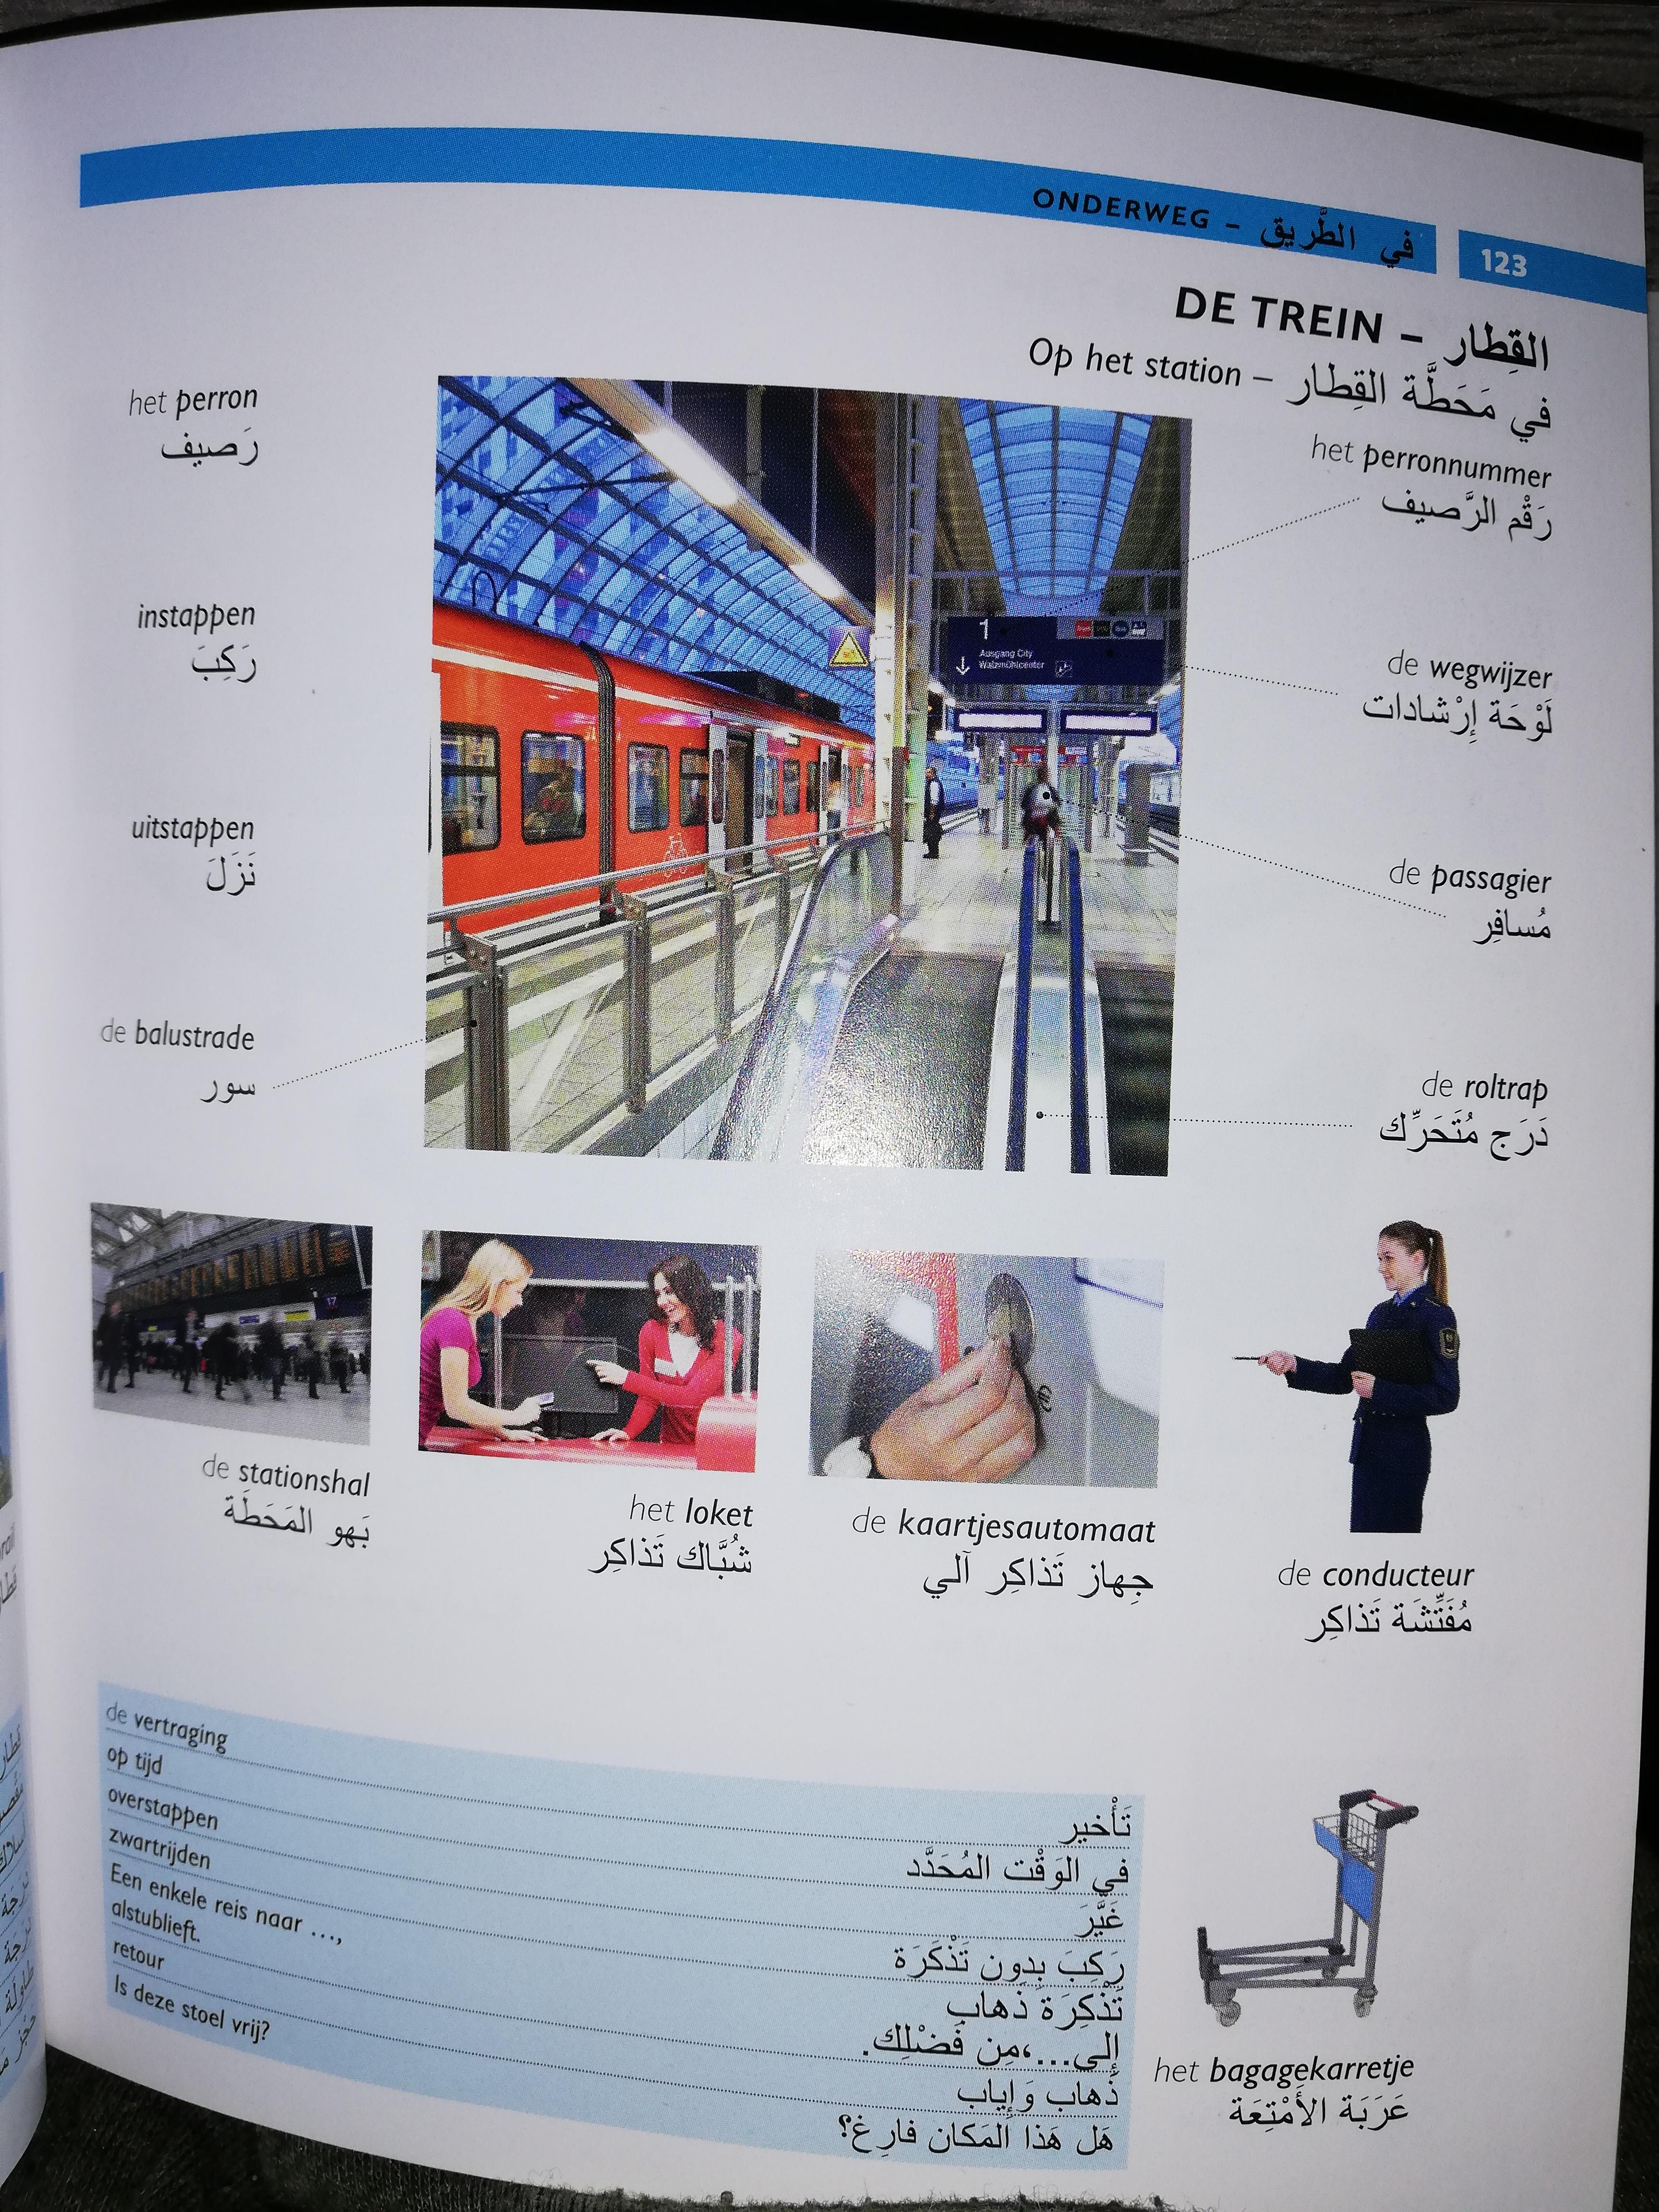 كلمات هولندية تستخدمها في محطة القطار DE TREIN